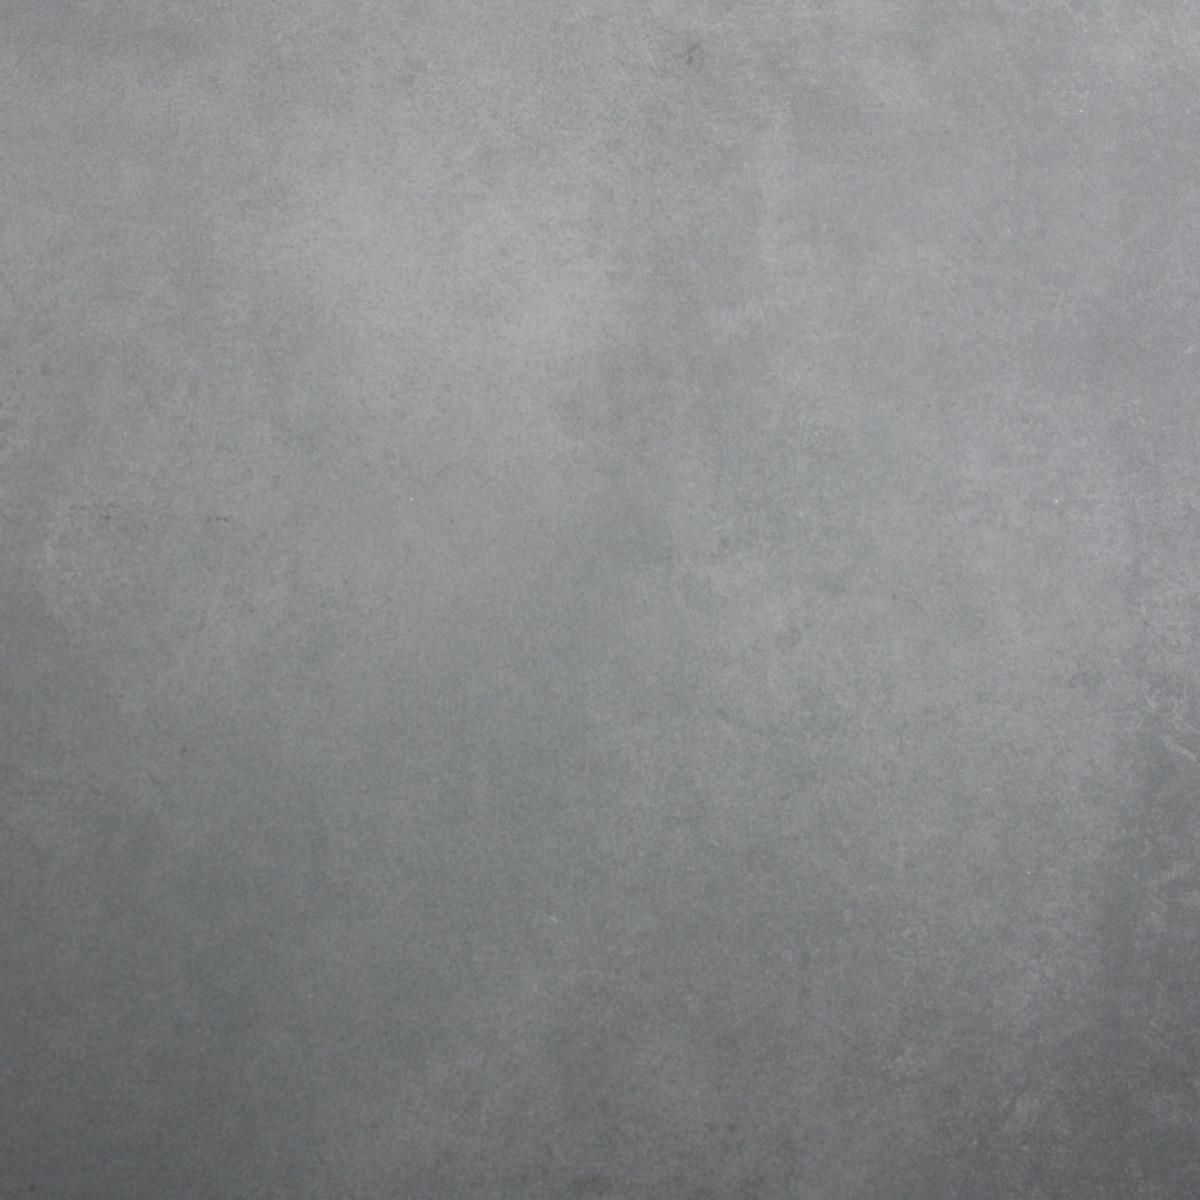 Cinque Luna Boden-/Wandfliese Ash 60x60 Matt